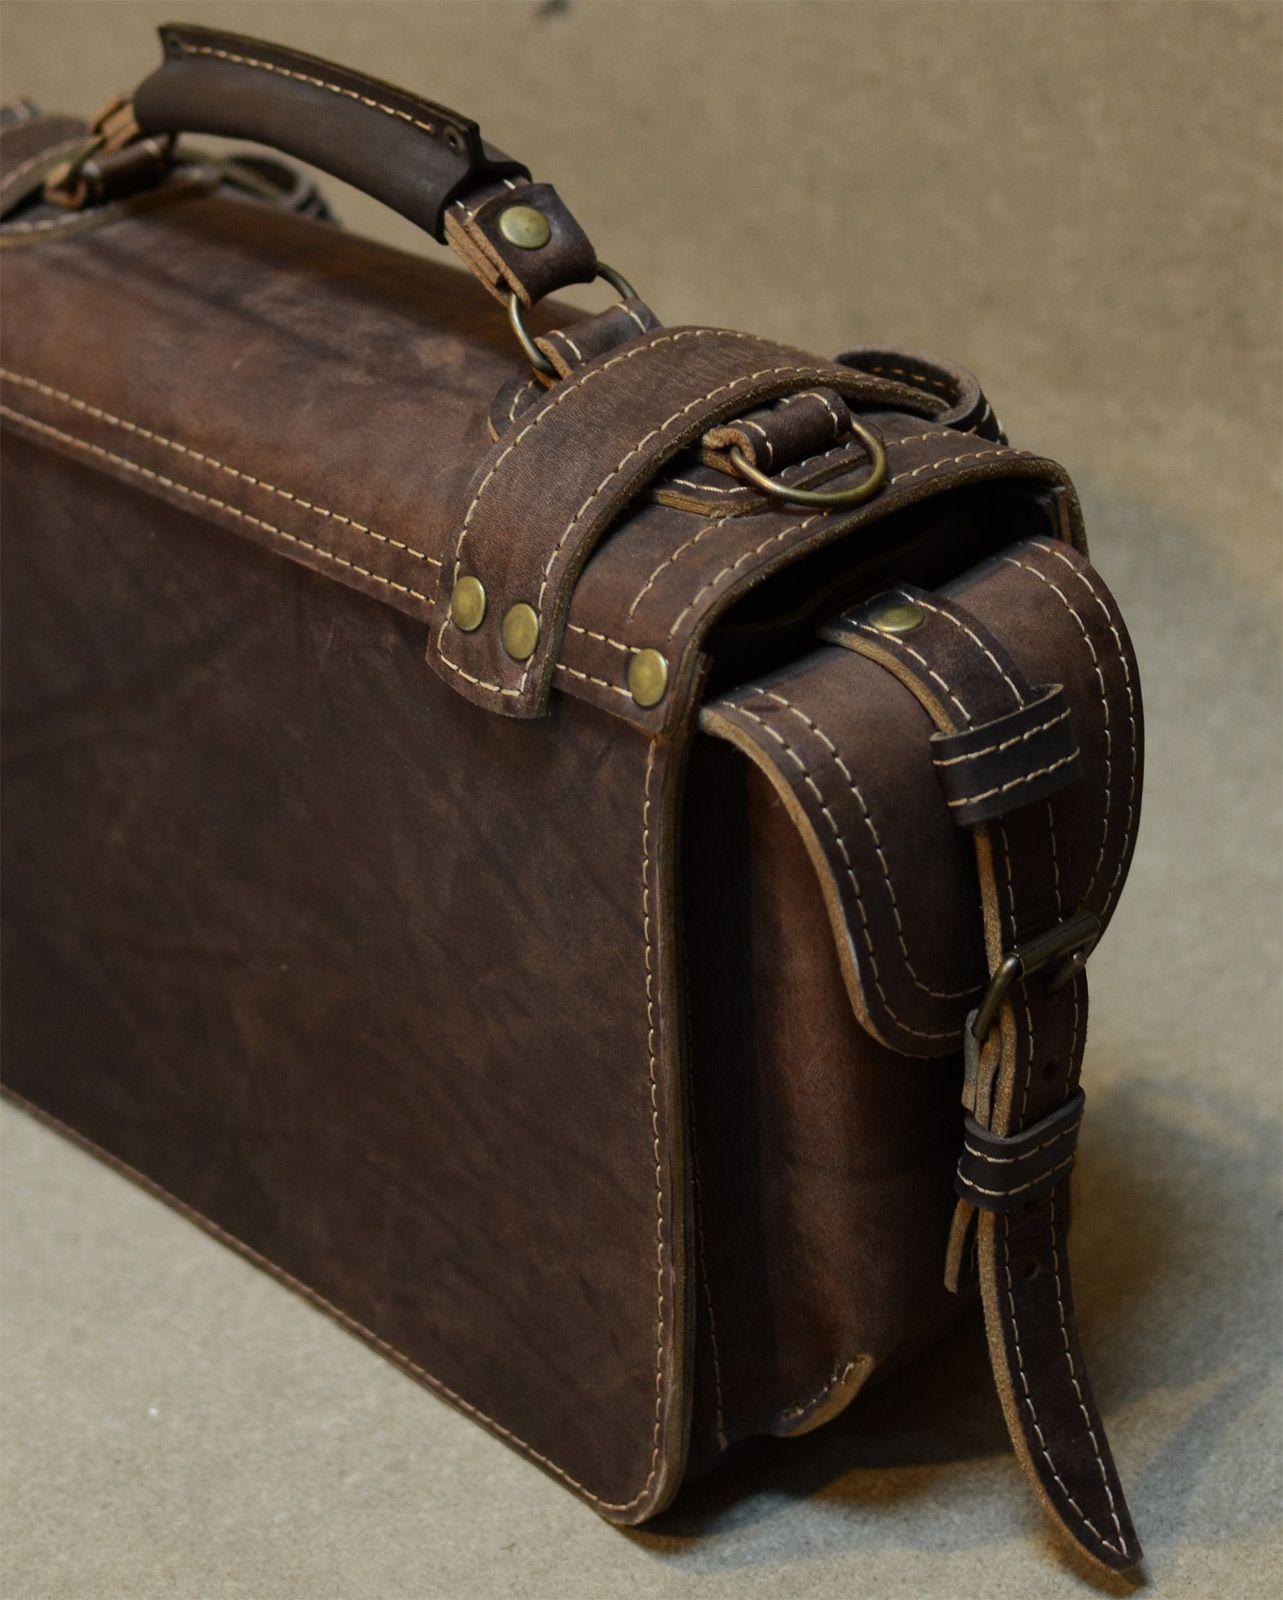 3dfcb47d473e Мужской портфель из кожи своими руками Кожаные Сумки, Рабочие Сумки,  Кожаный Портфель, Работа